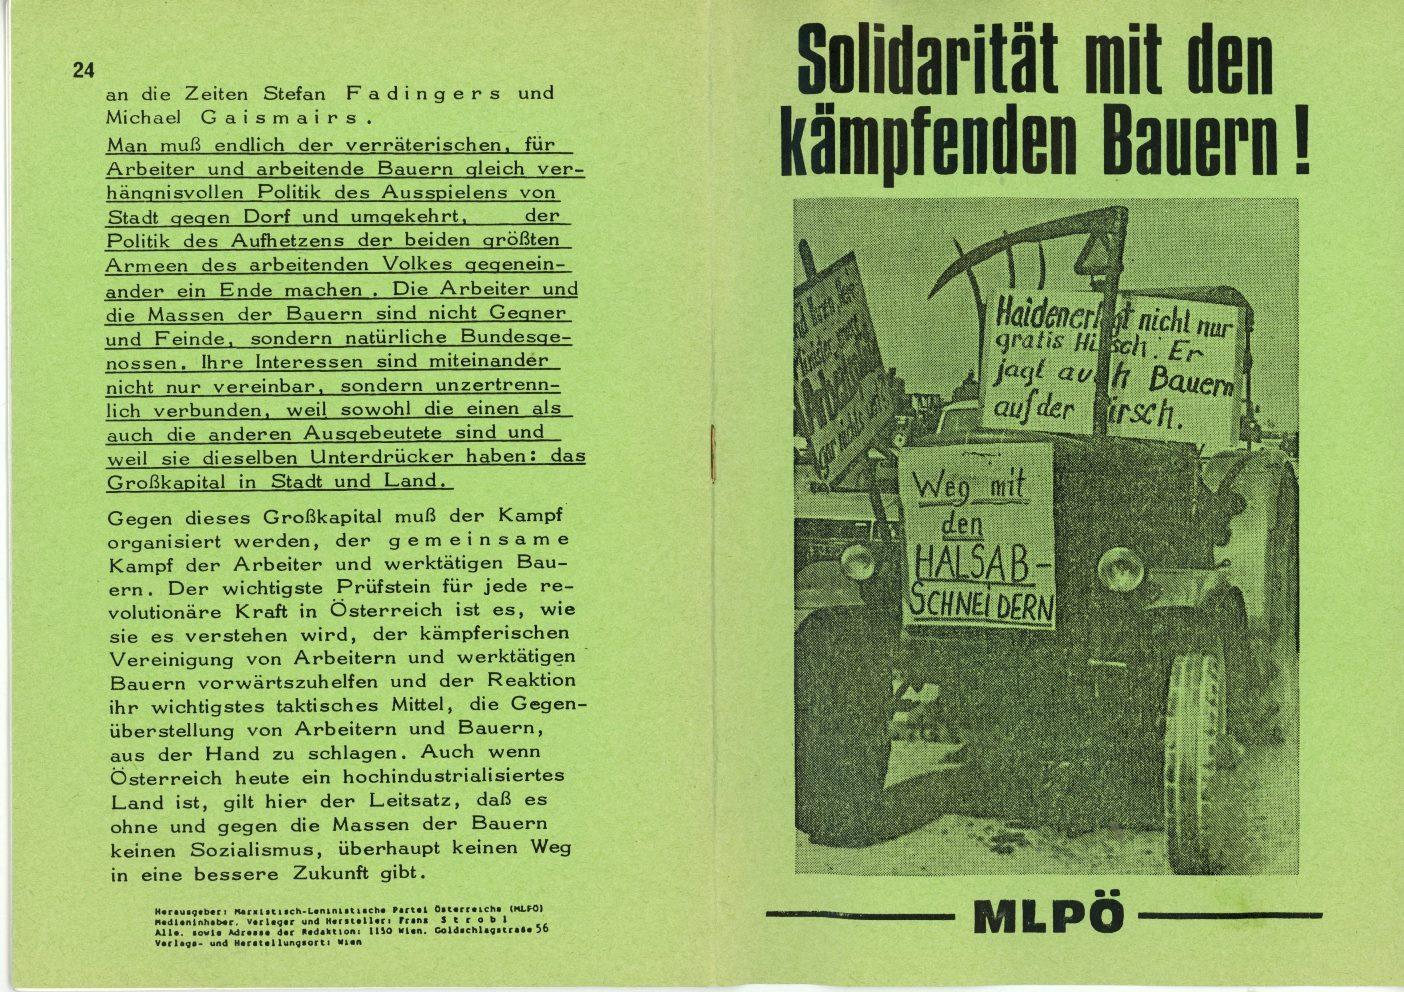 MLPOe_Soli_mit_den_Bauern_1972_01